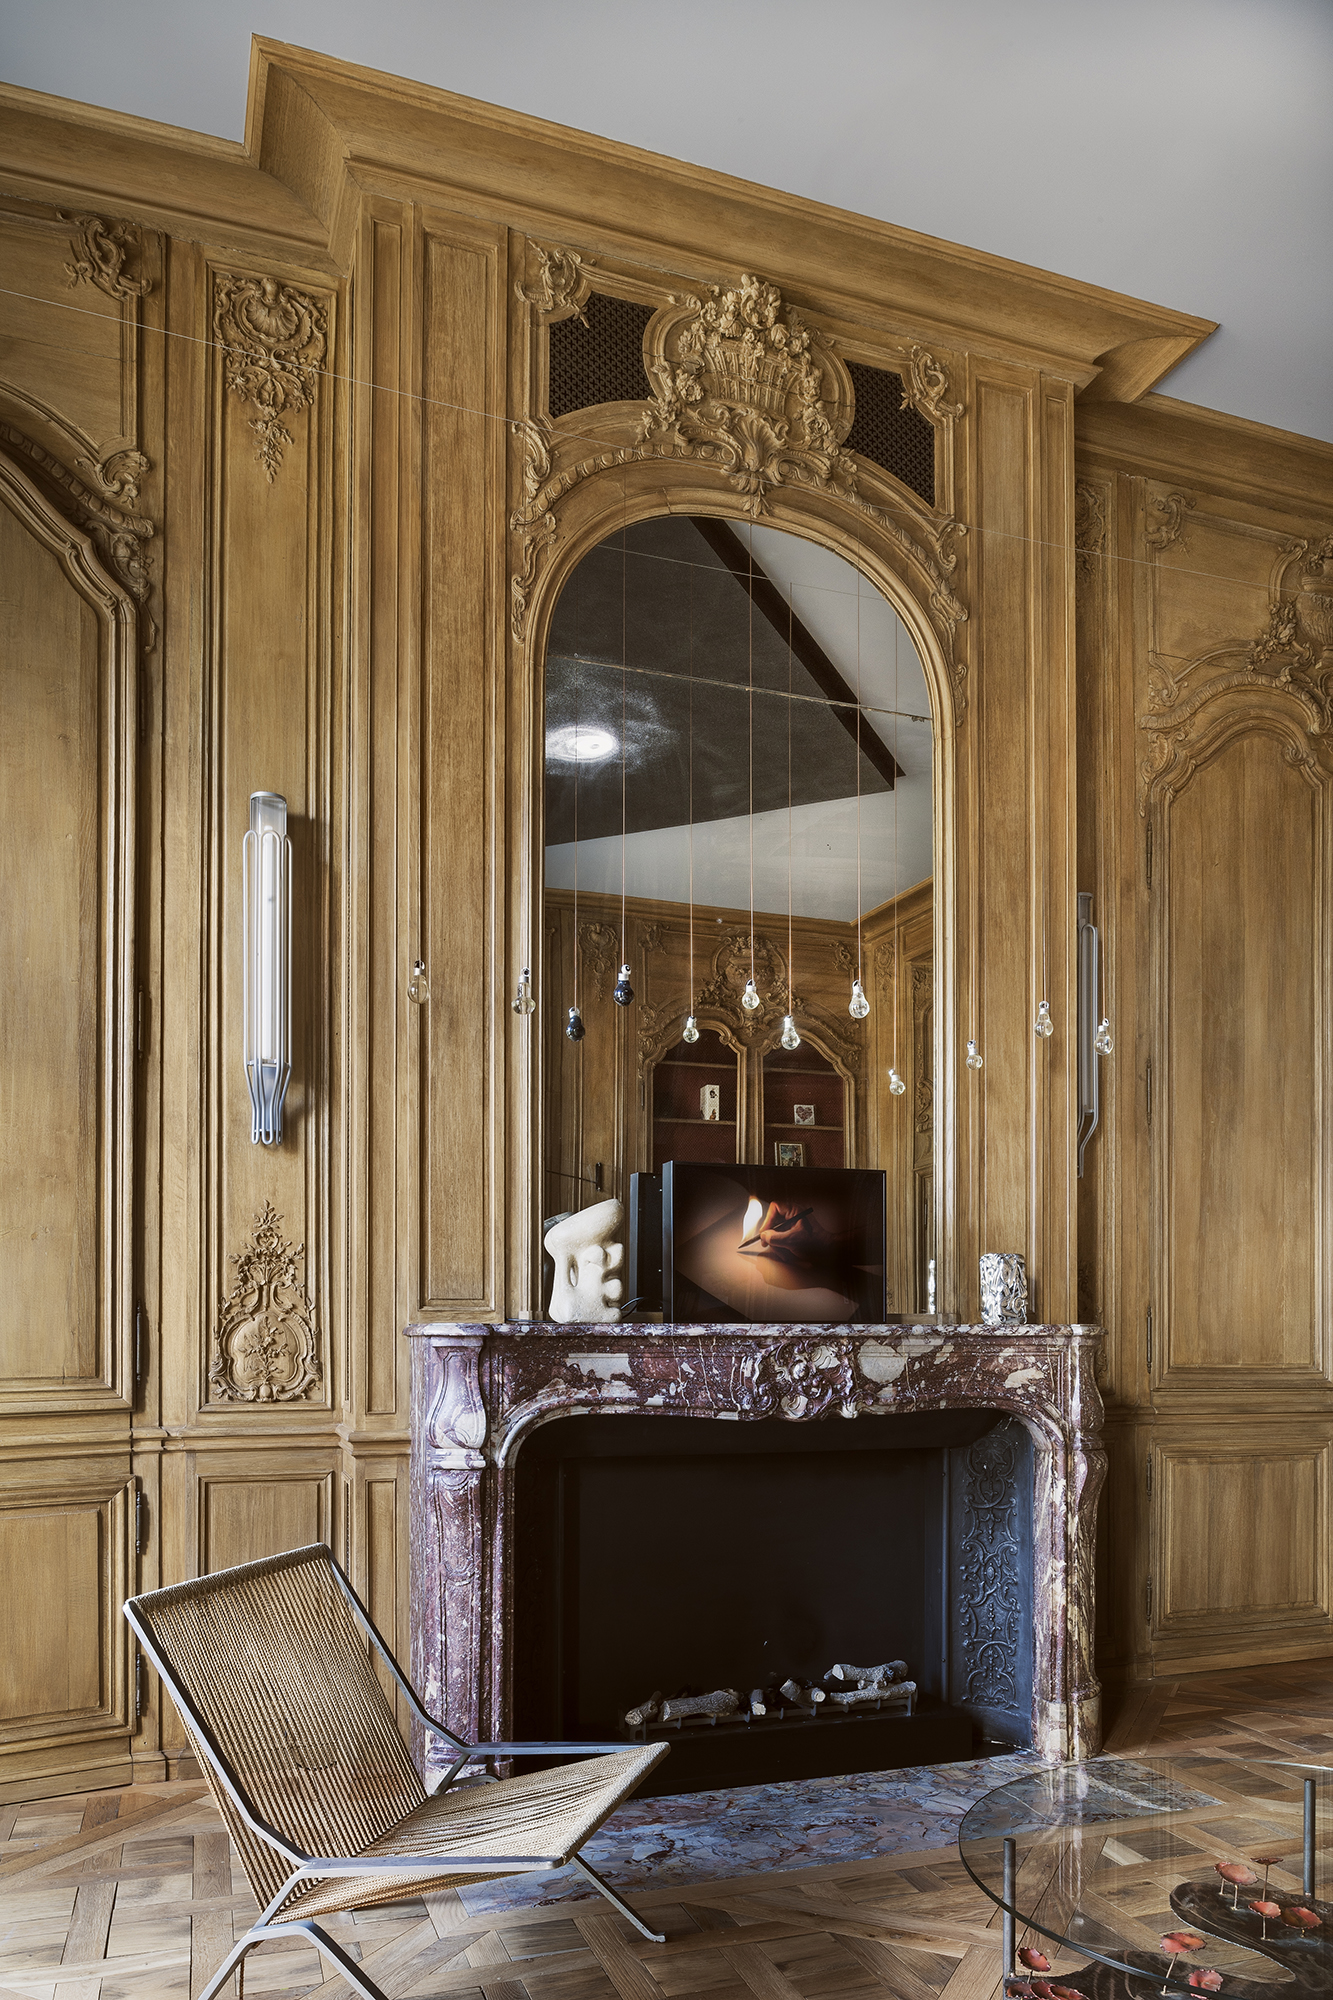 Décor de boiserie de style Louis XV installé et restauré par Féau Boiseries